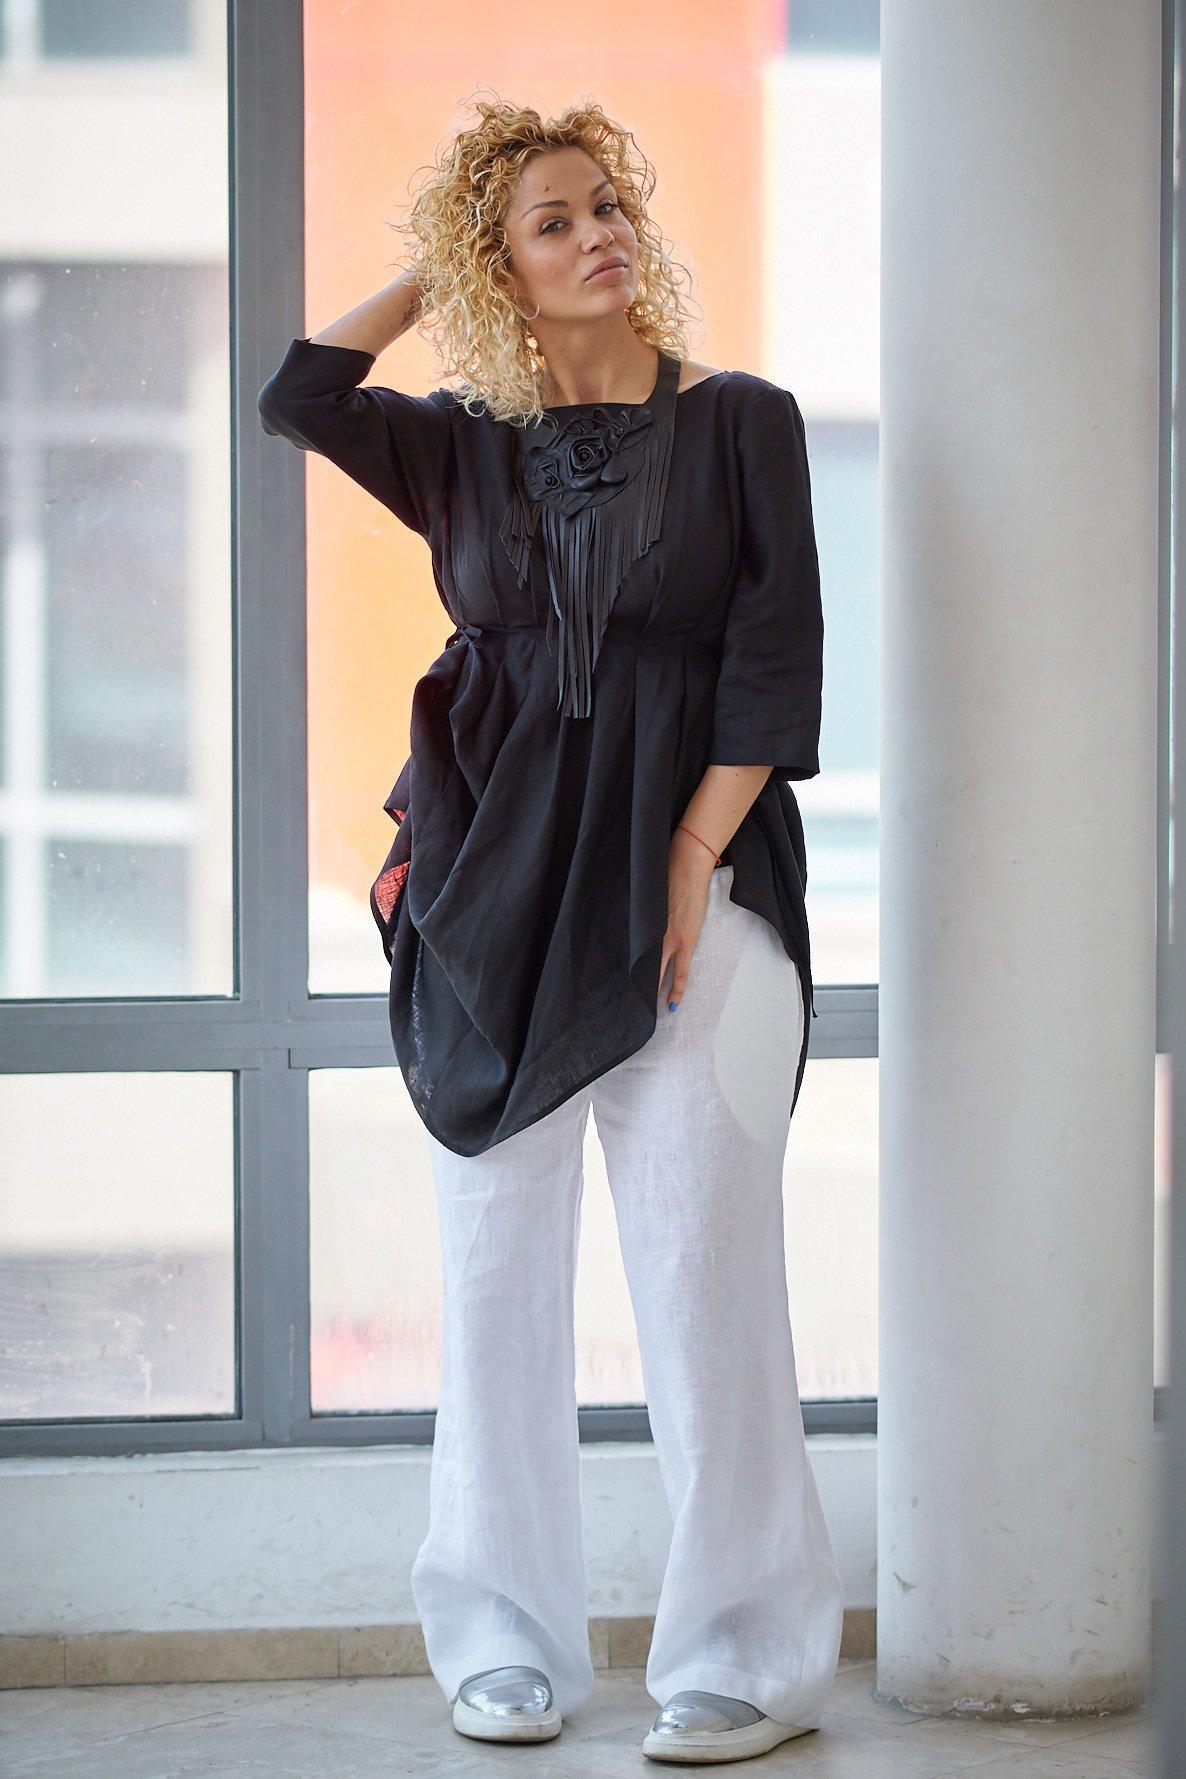 439571154c Linen Tunic, Black Linen Top, Summer Linen Tunic, Gothic Clothing, Beach  Linen